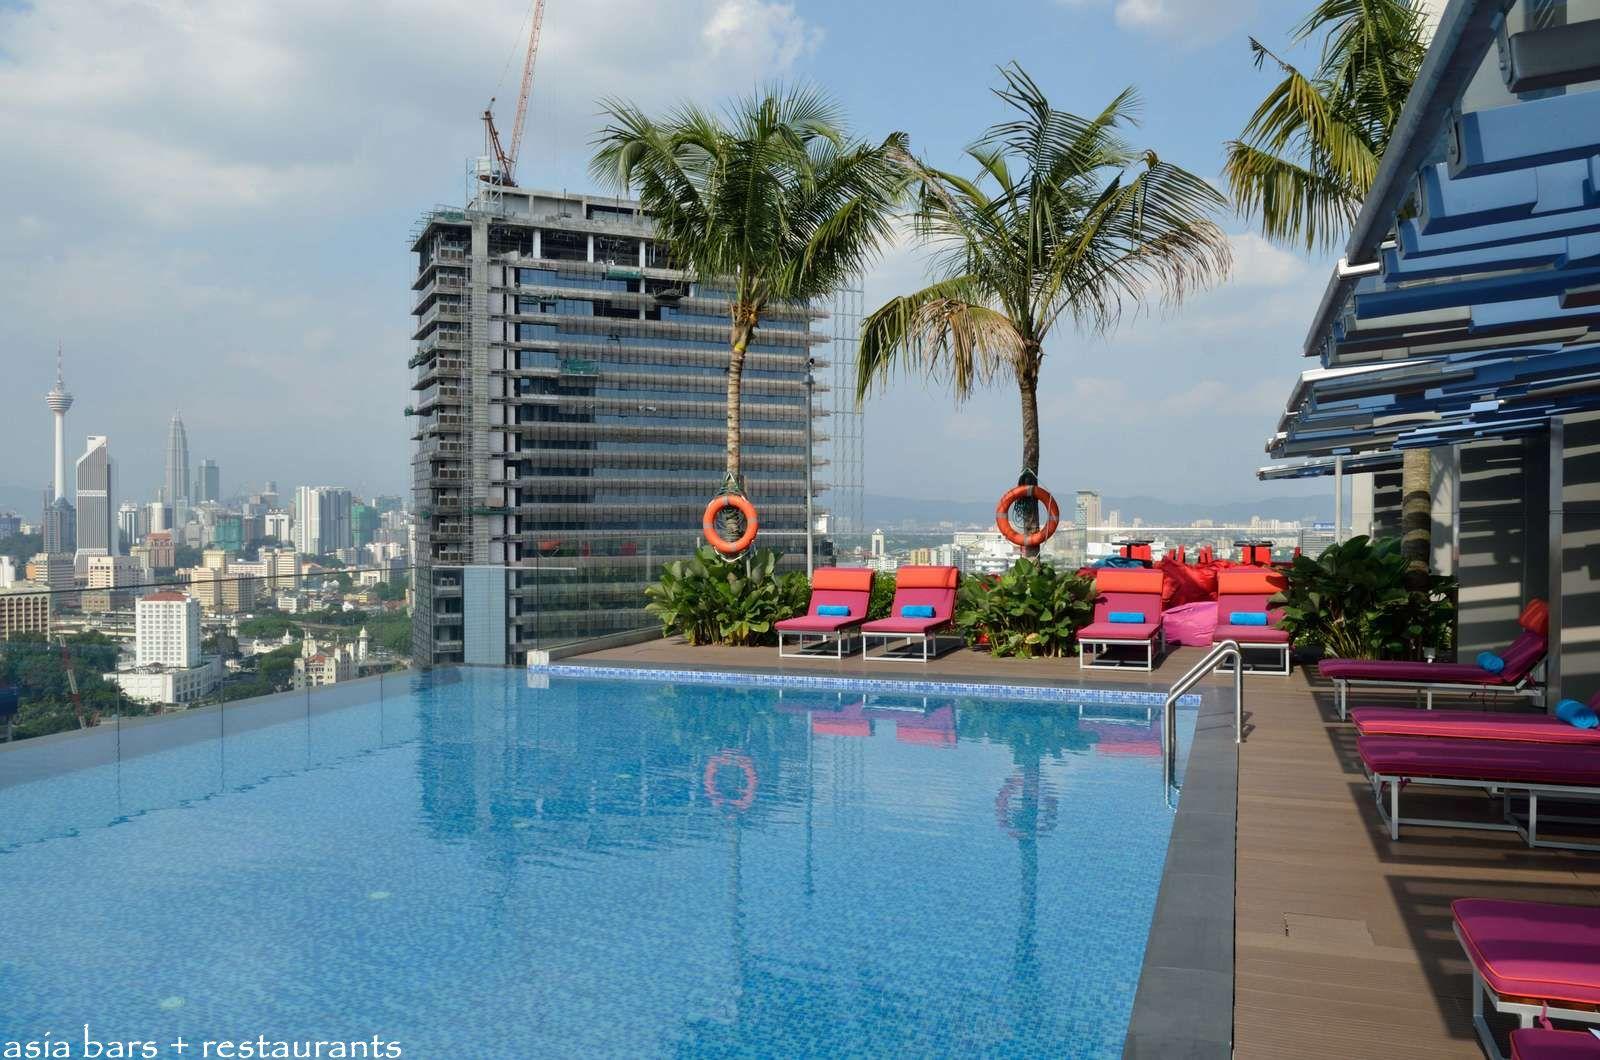 Mai bar tiki themed rooftop bar at aloft kuala lumpur